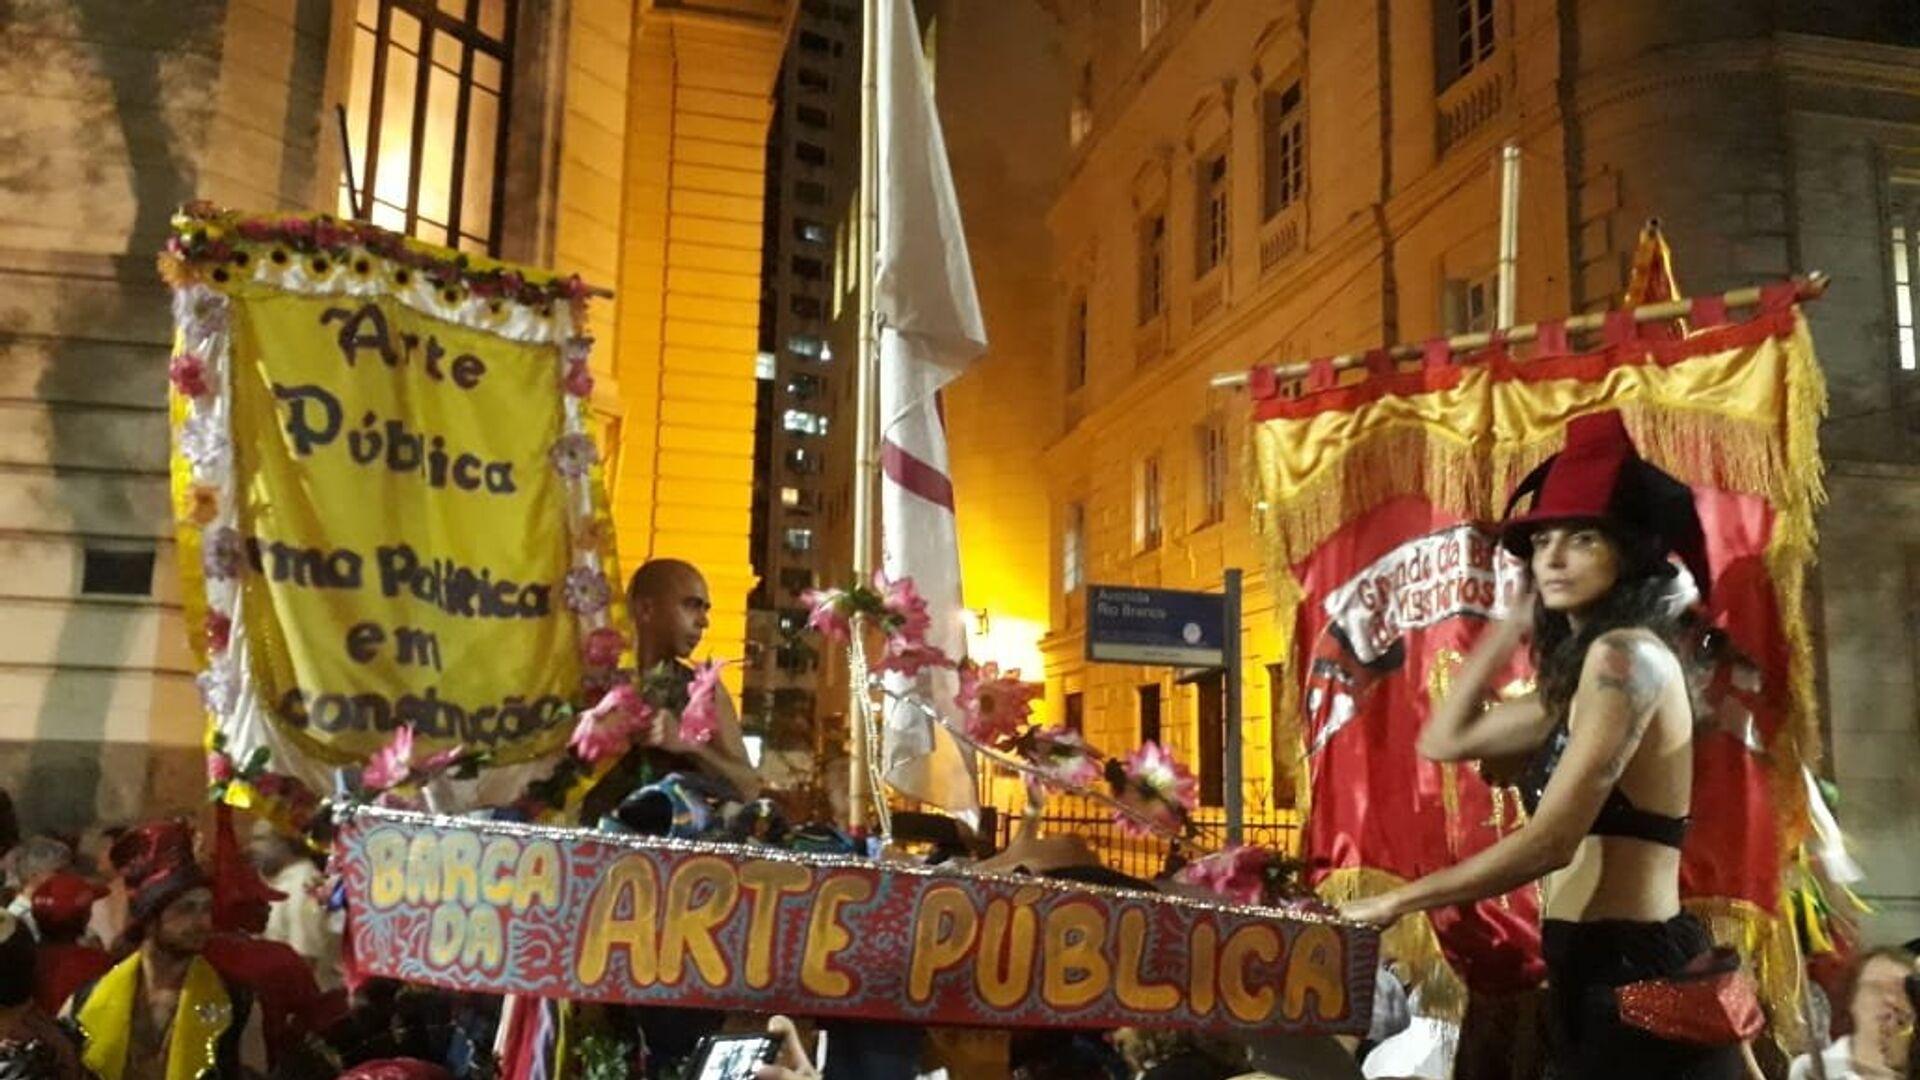 El carnaval en Río de Janeiro - Sputnik Mundo, 1920, 14.05.2021